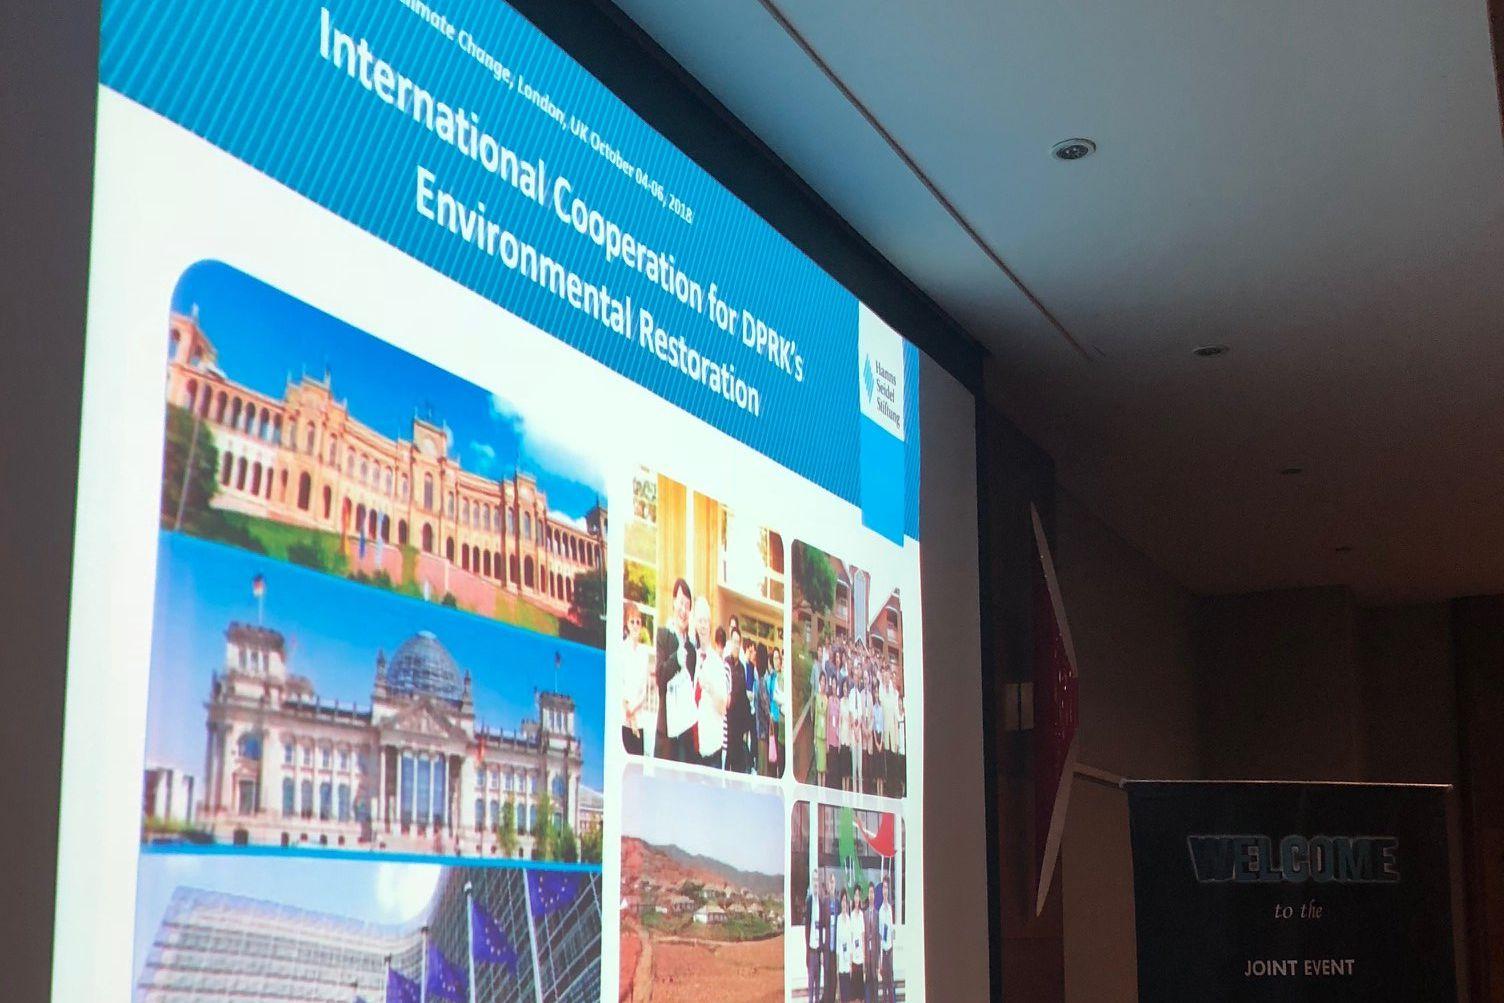 Präsentation über HSS' Arbeit für die Umwelt in DPRK